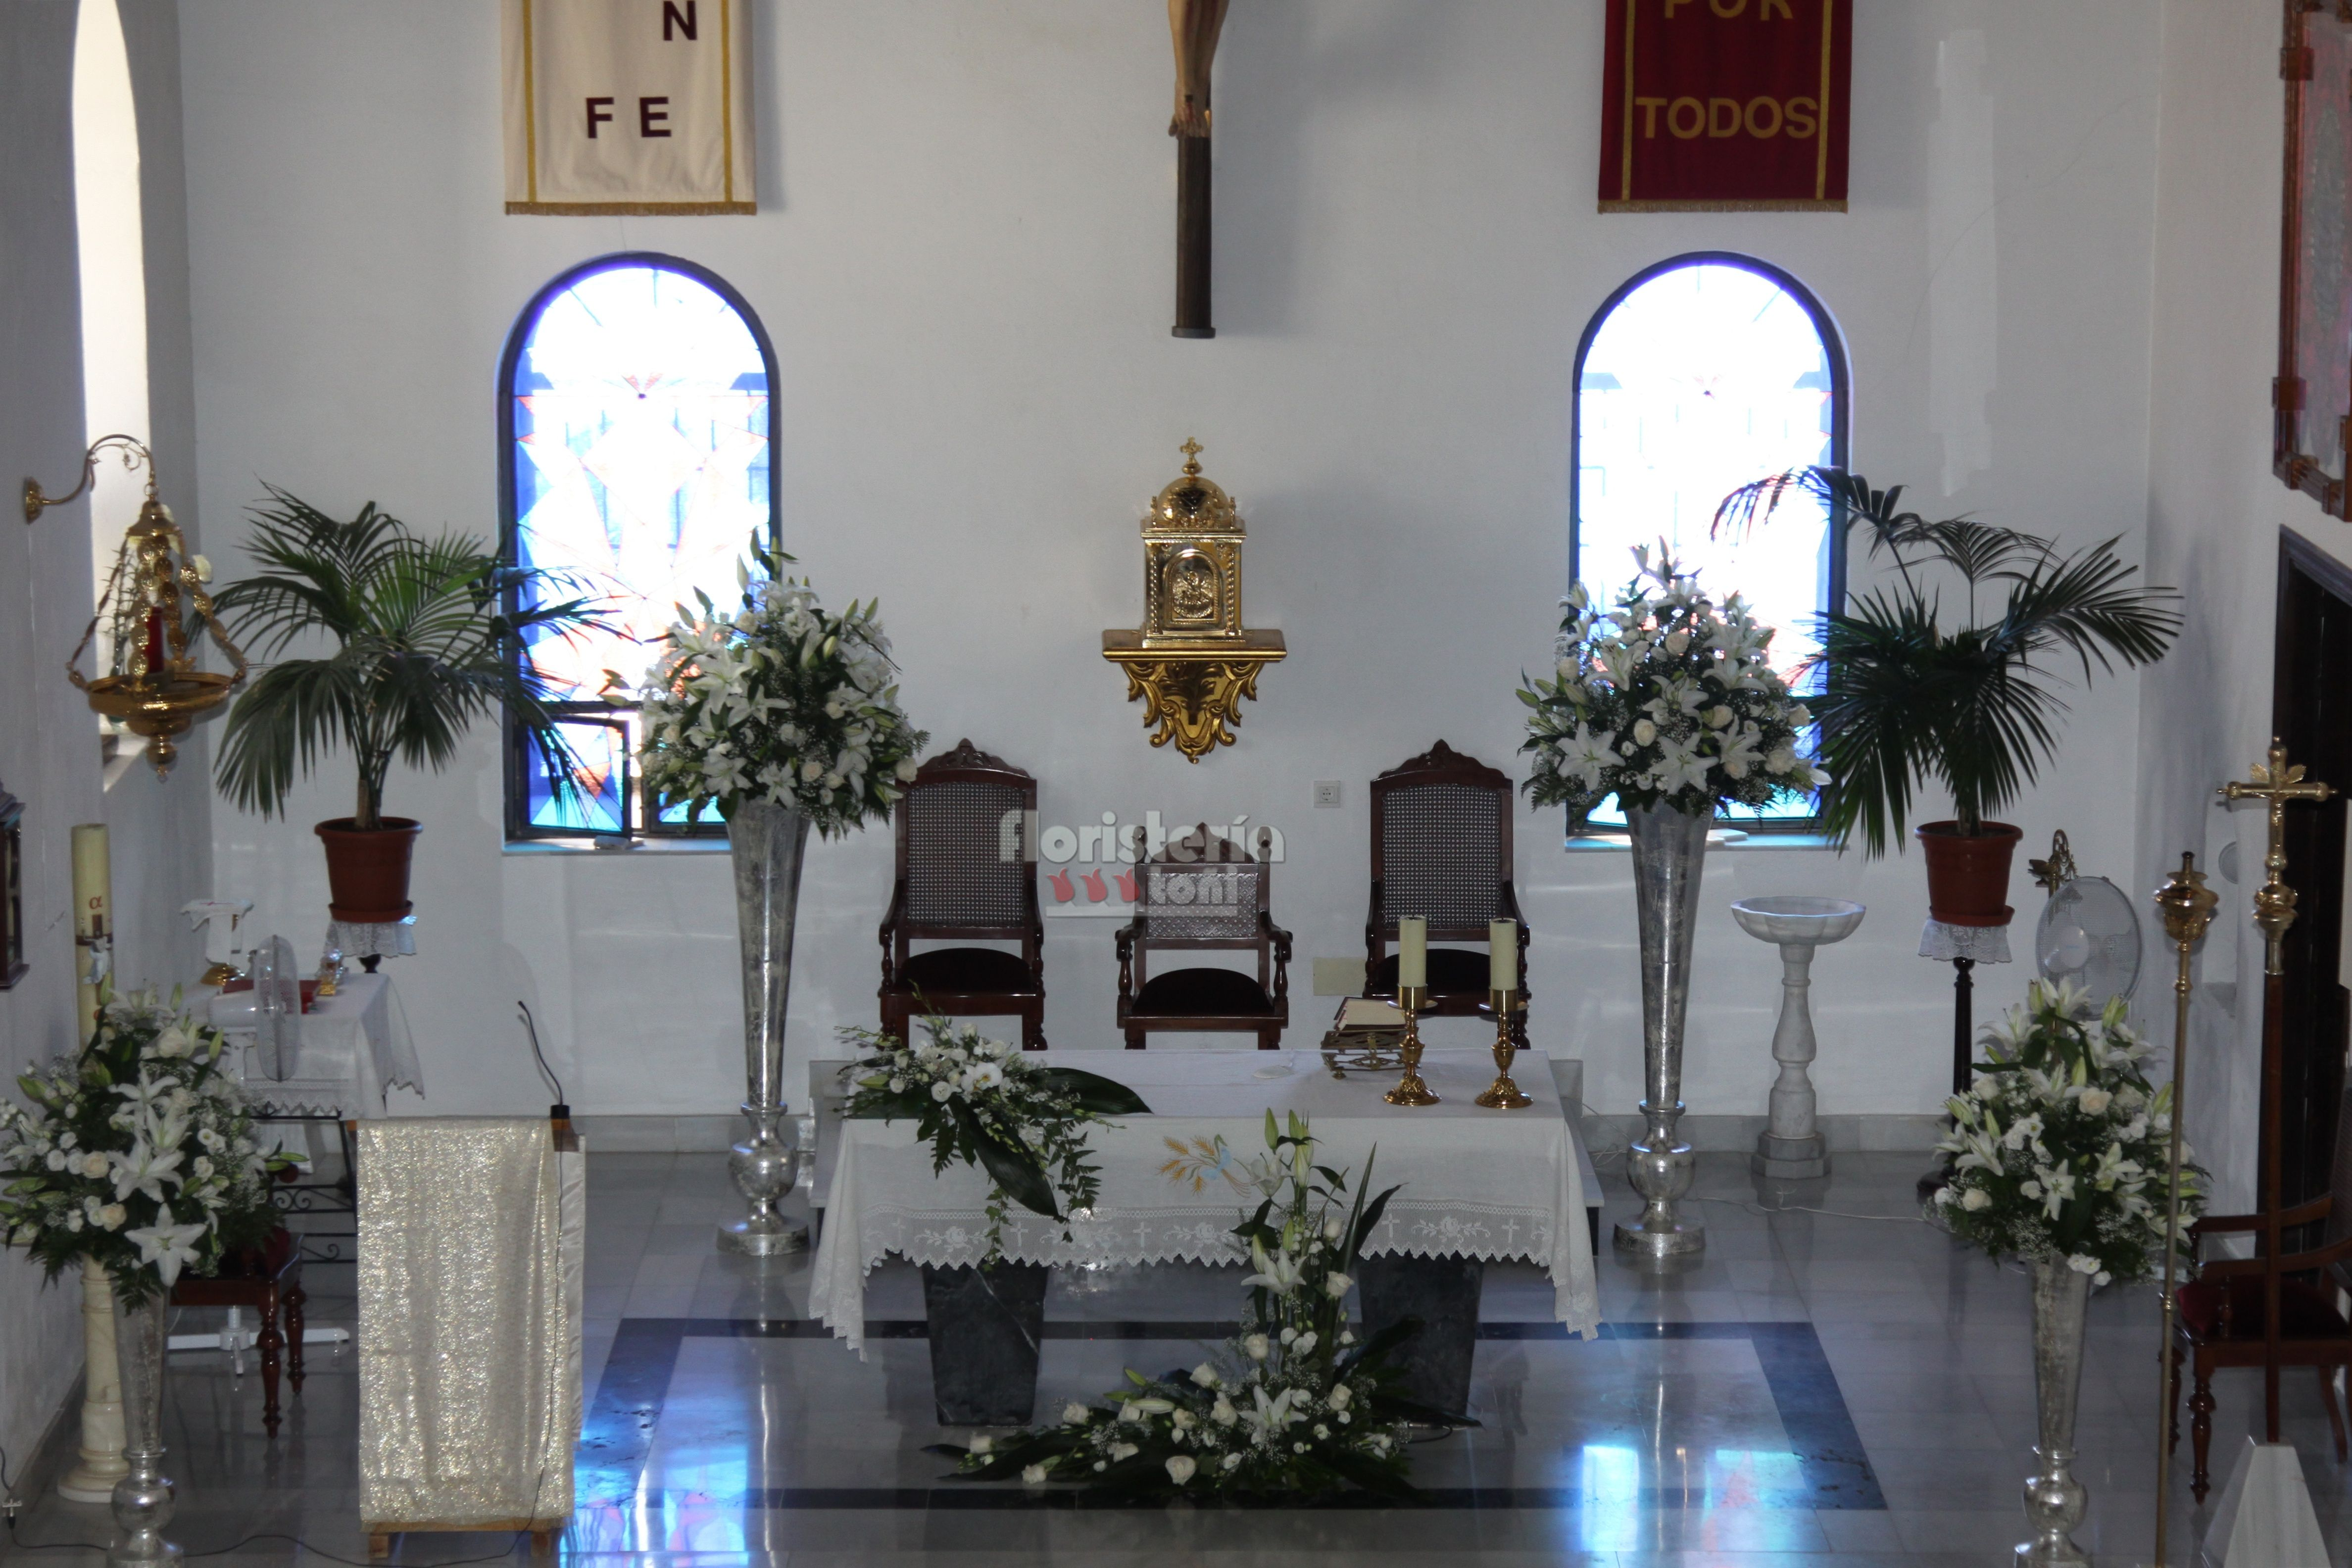 Decoraci n altar en blanco y crema con pedestales plata en - Decoracion almeria ...